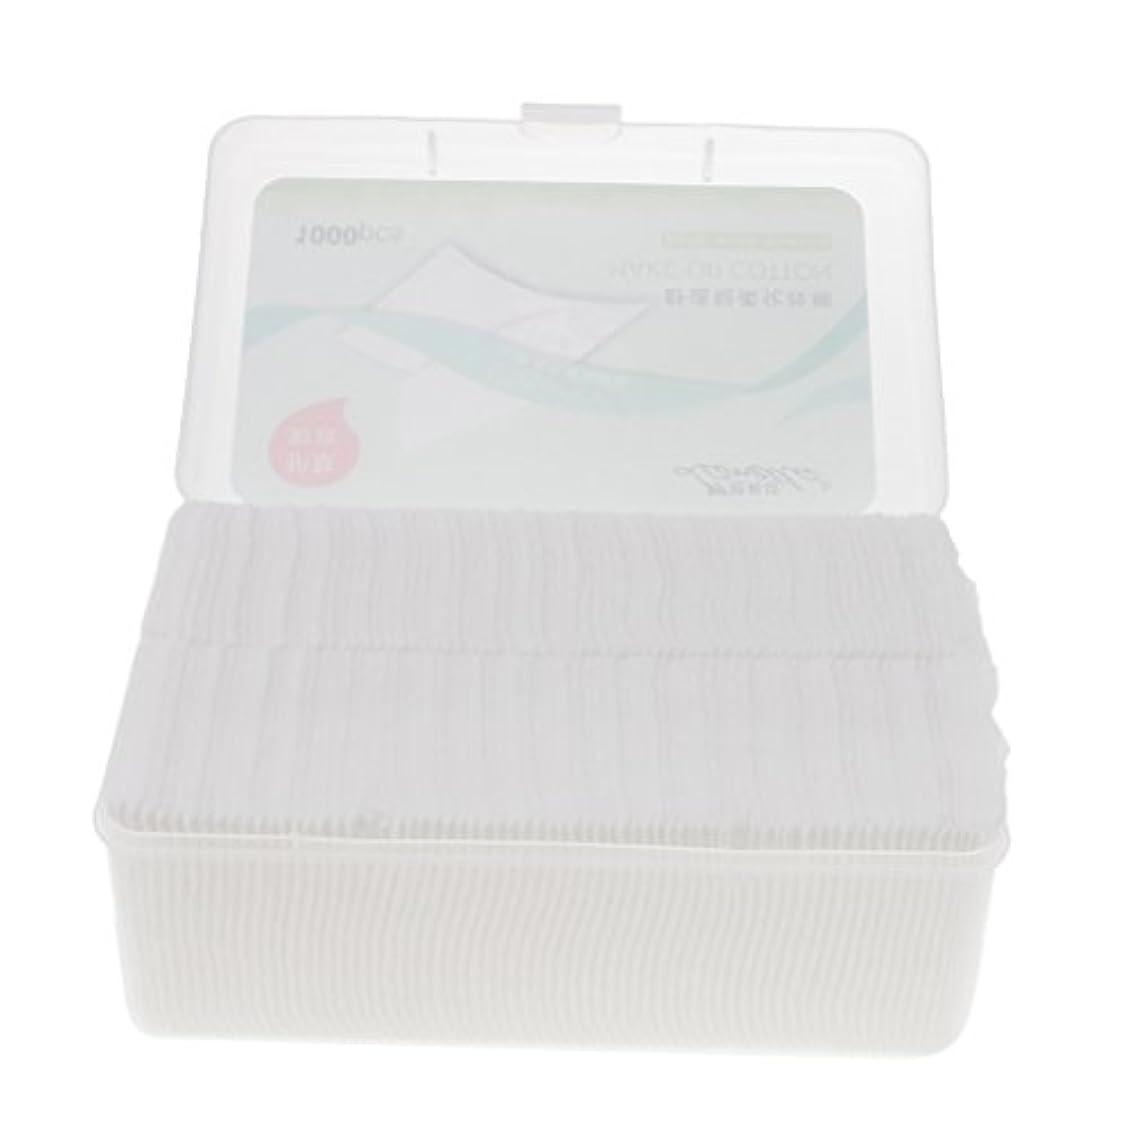 水曜日延期する団結Toygogo メイクリムーバー 化粧品パフ コットンパッド 綿パッド ソフト 旅行用品 携帯便利 約1000枚入り